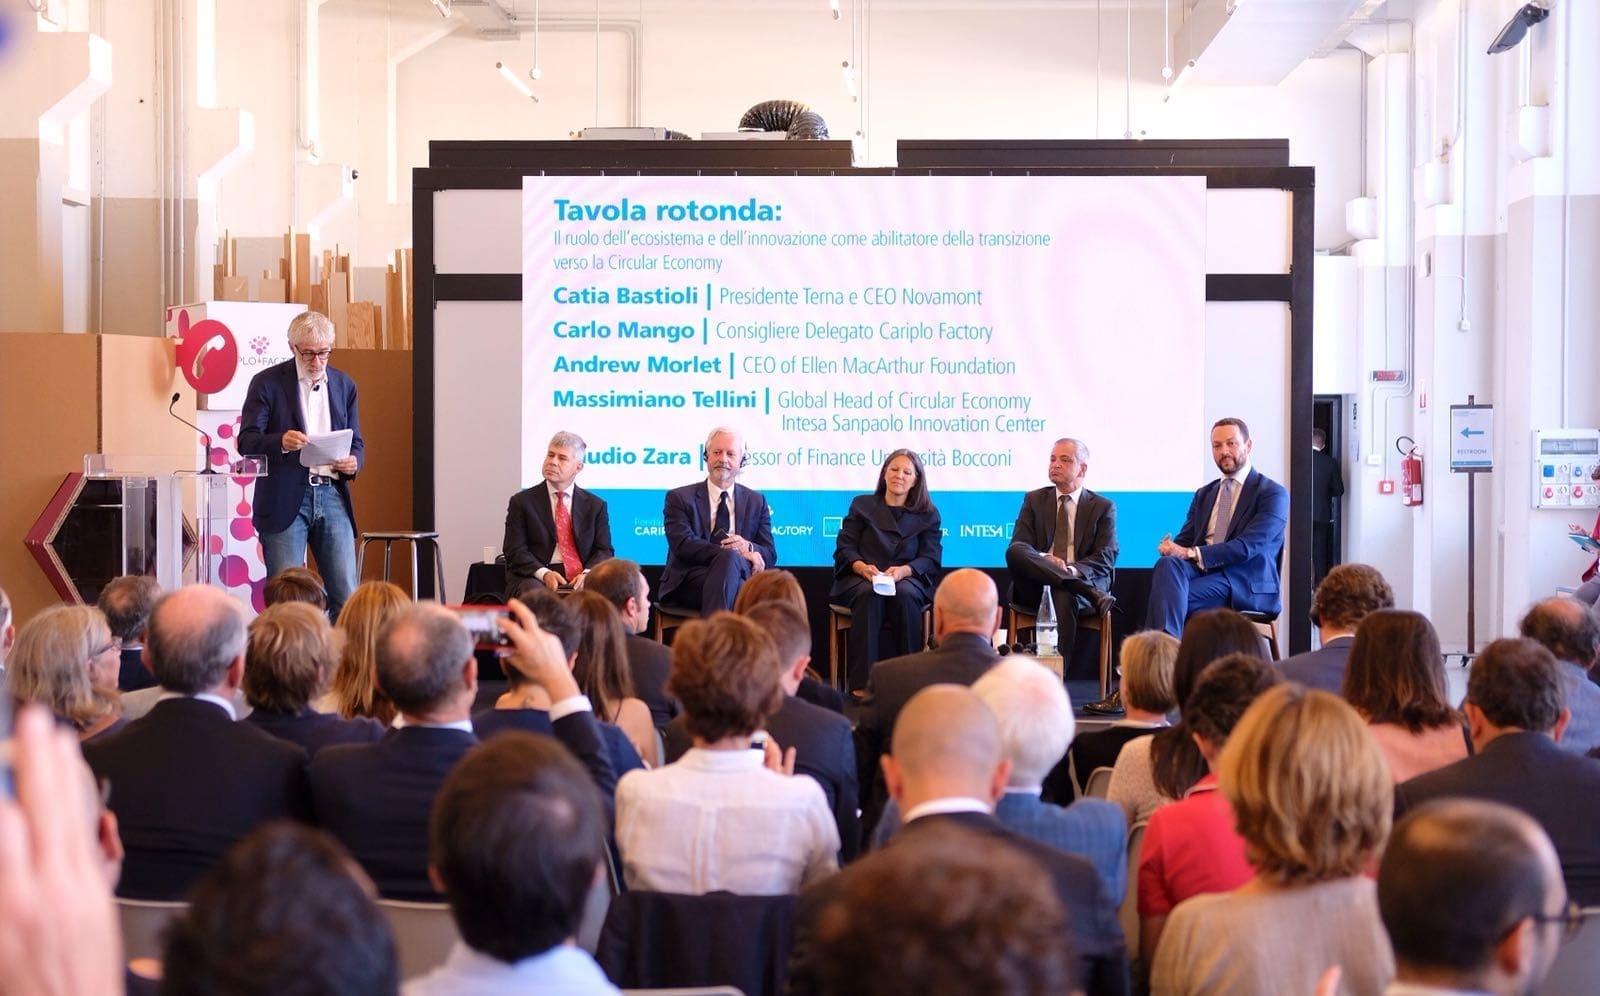 Intesa Sanpaolo e Fondazione Cariplo lanciano il primo laboratorio italiano sulla Circular Economy